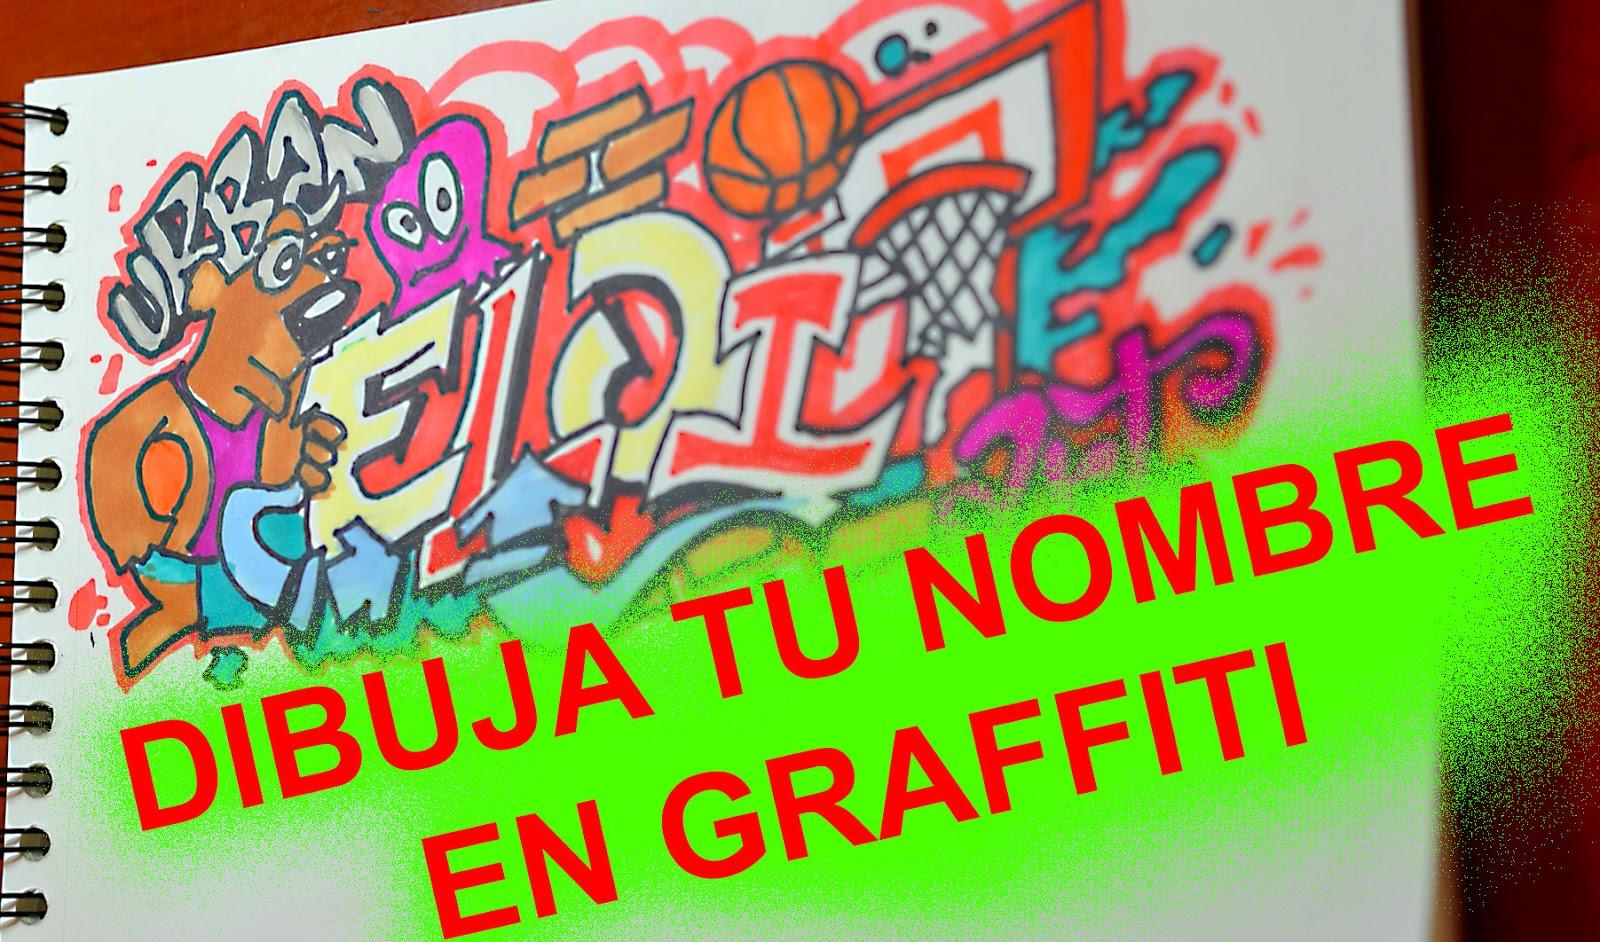 Tutorial de como hacer un graffiti en papel — 1